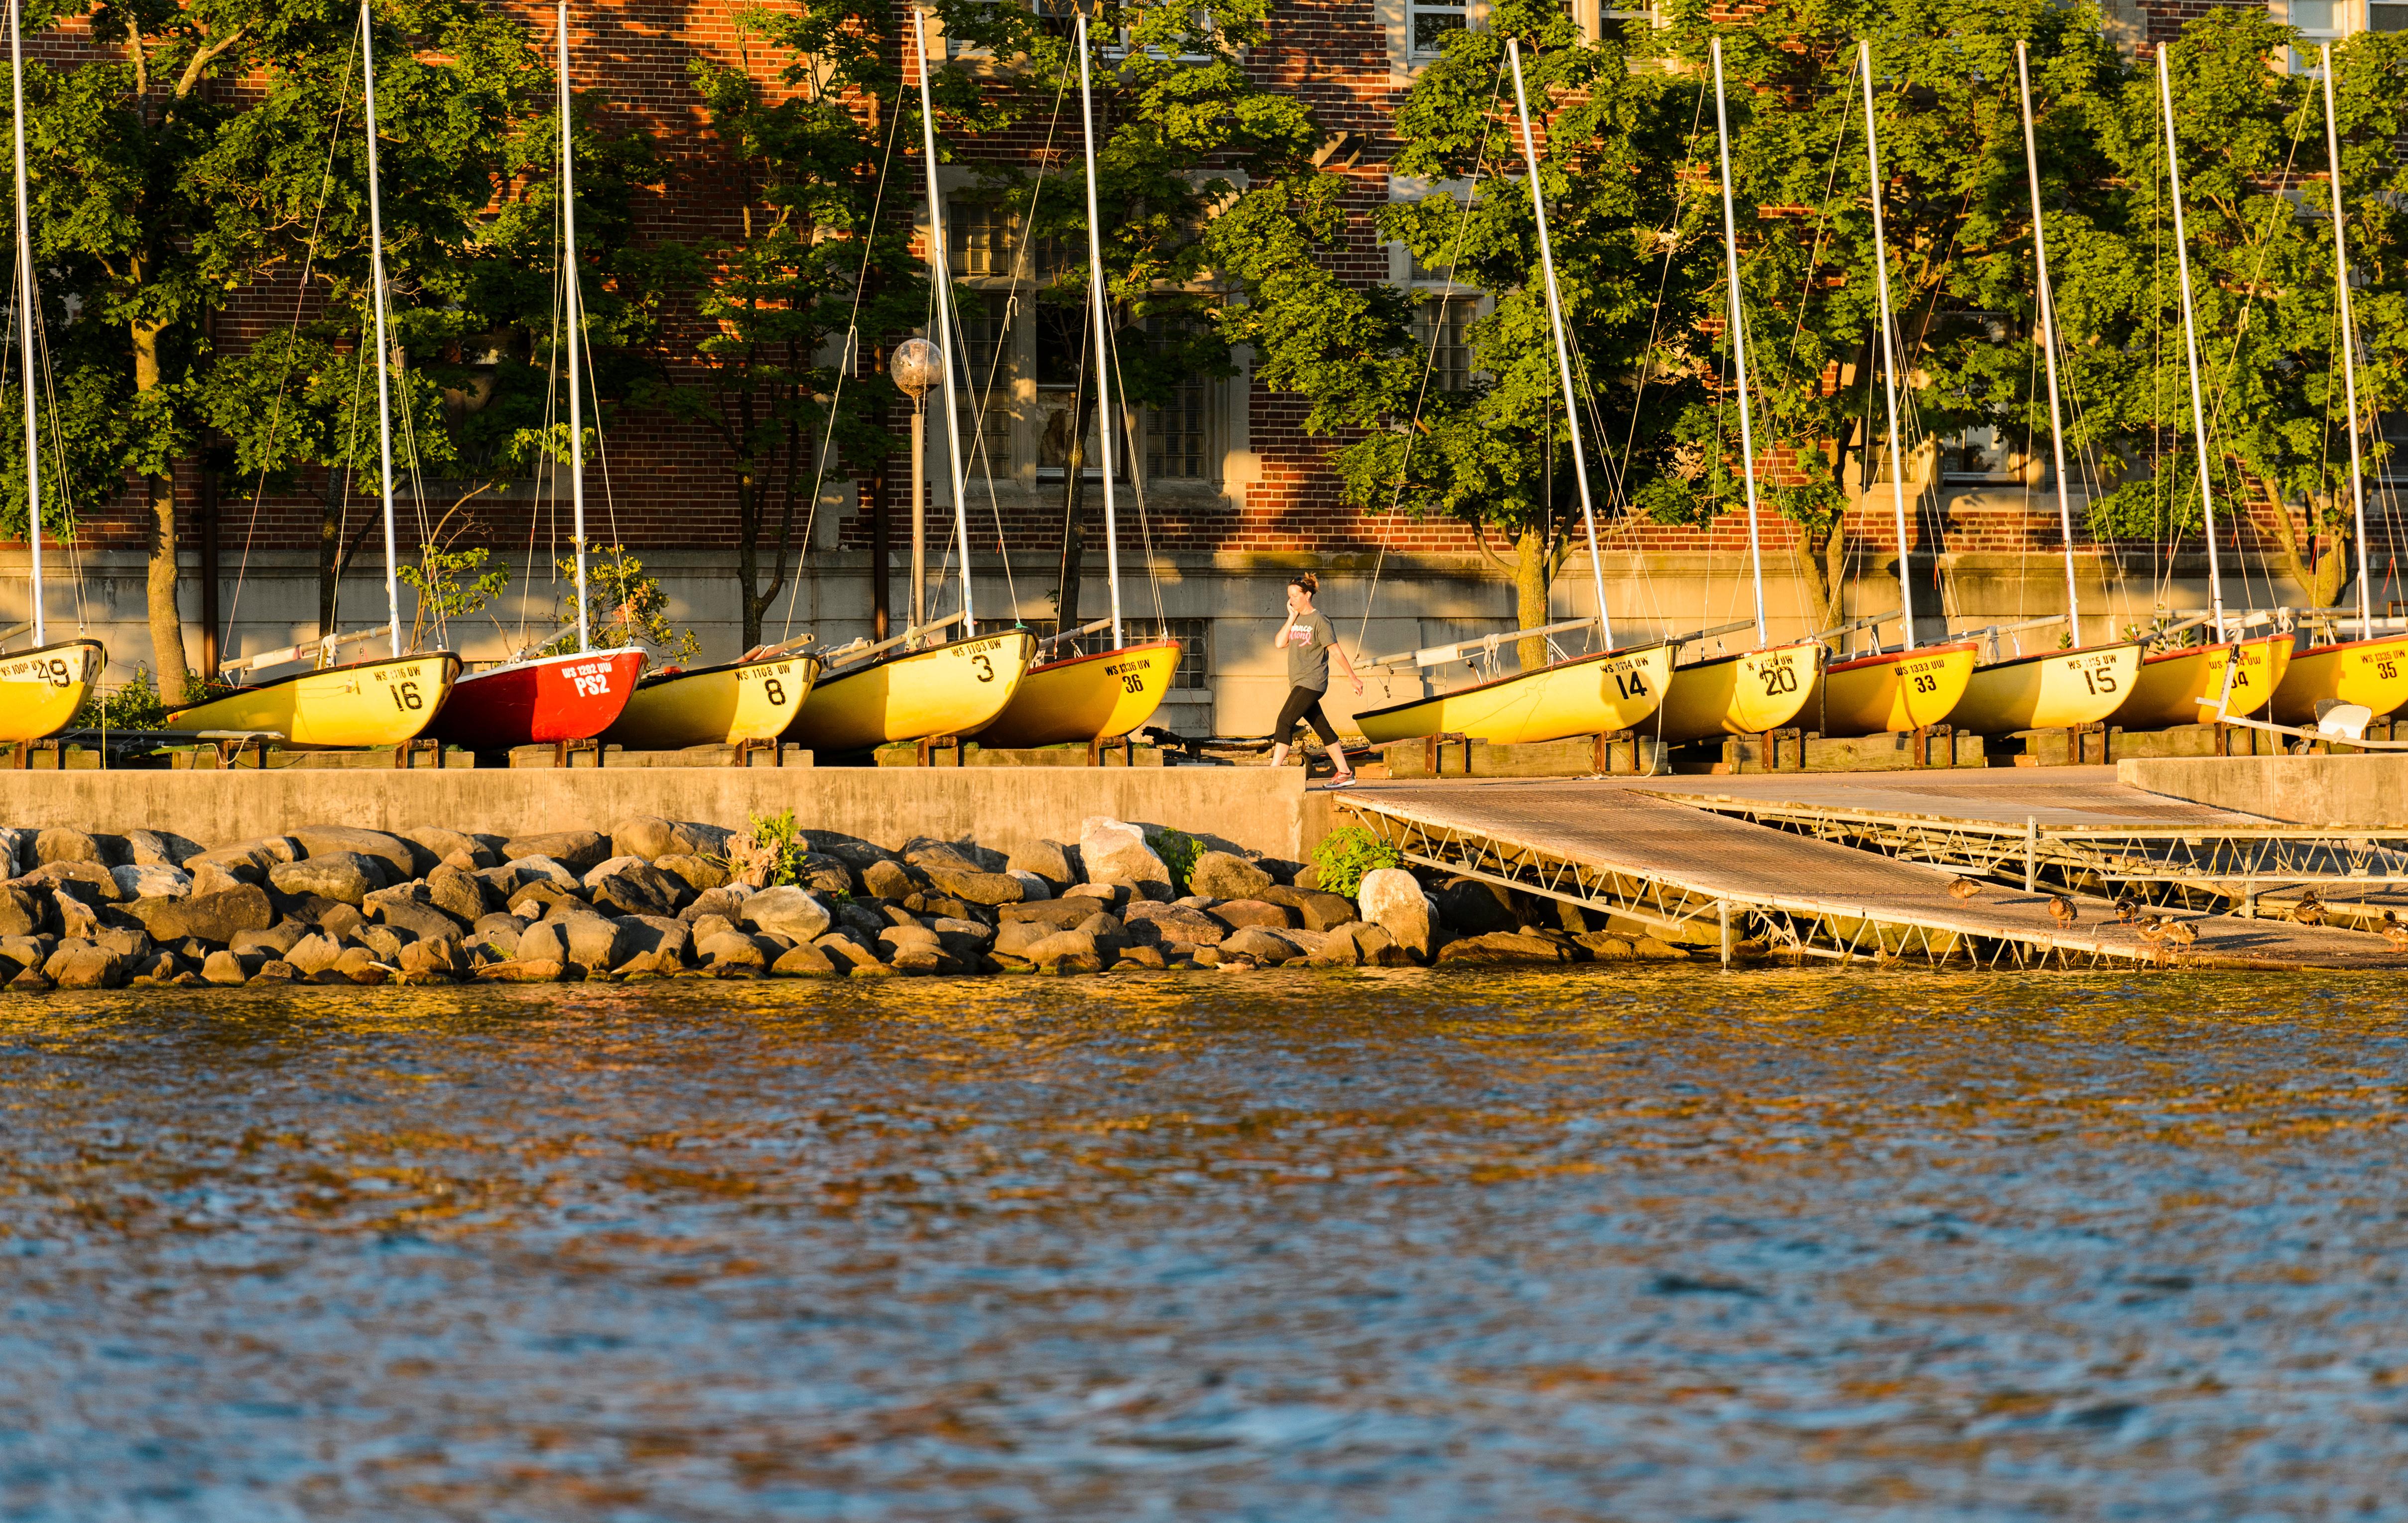 Runner jogs along Lake Mendota in front of Hoofer sailboats